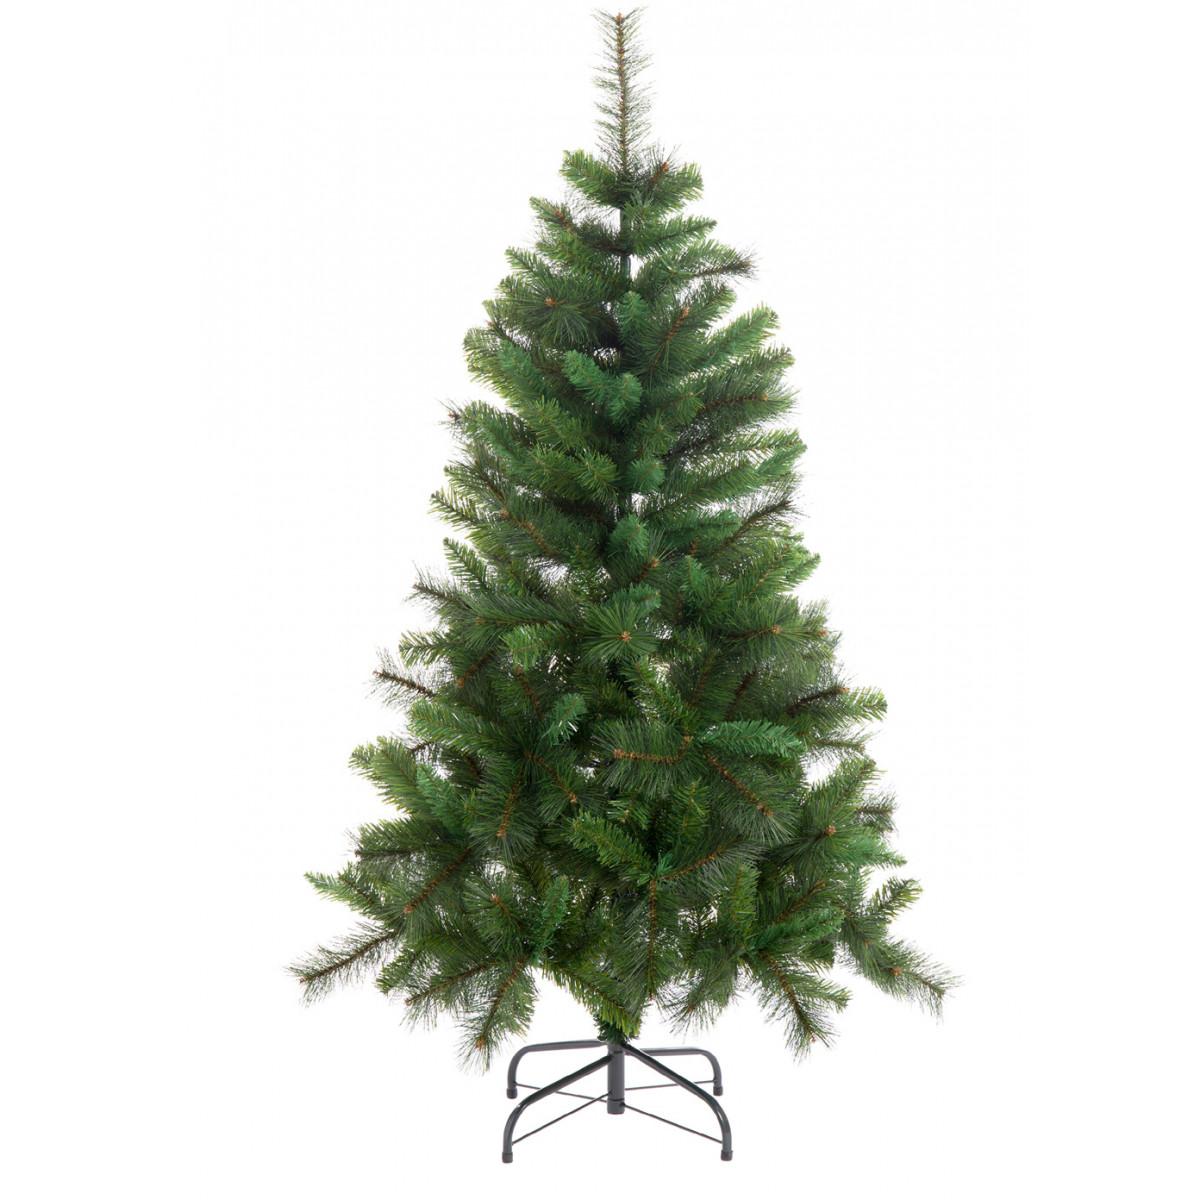 Sapin de Noël synthétique H120cm